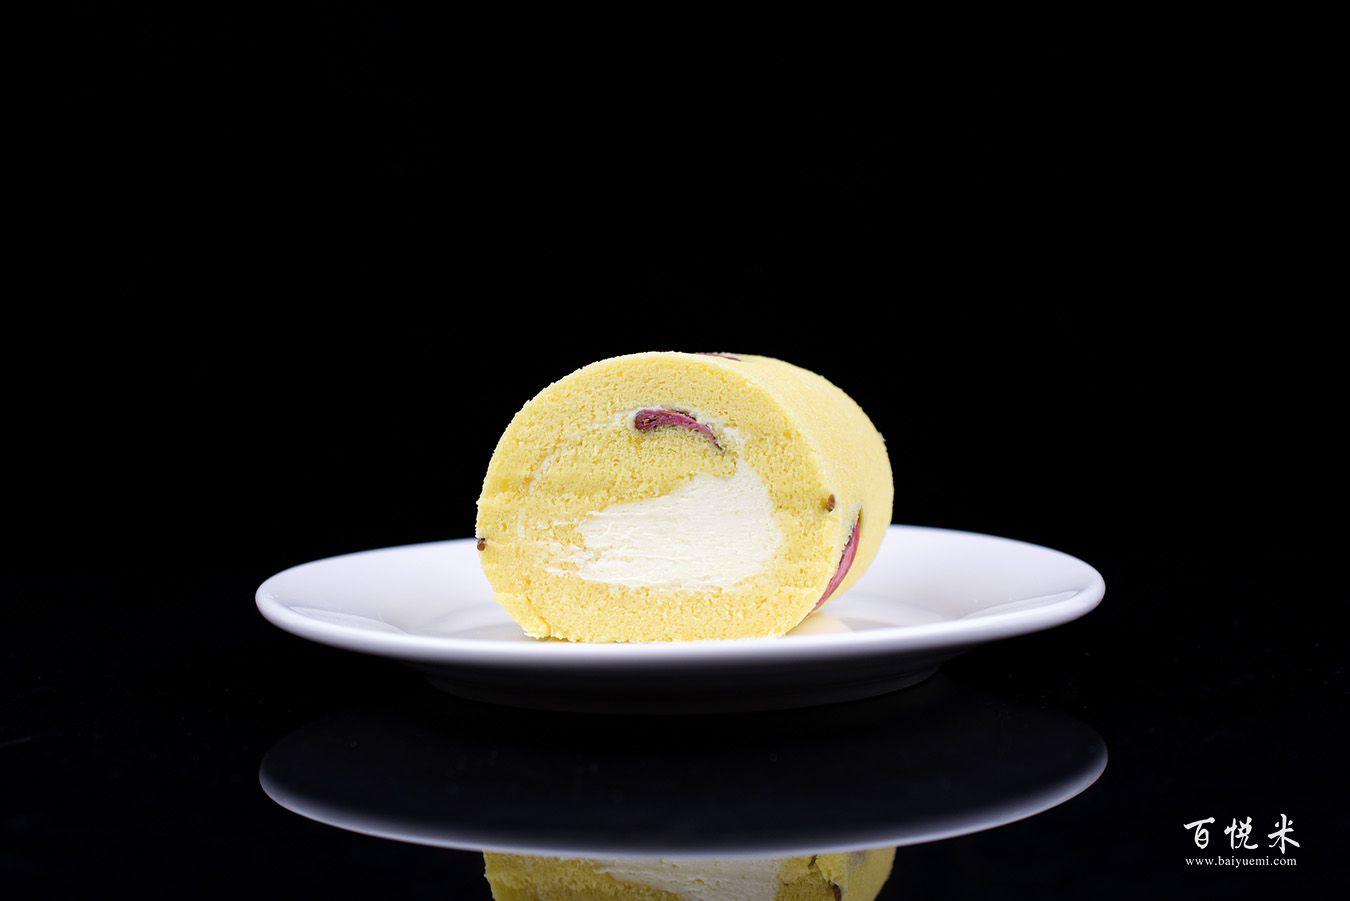 樱花蛋糕卷的做法视频大全_西点培训学习教程